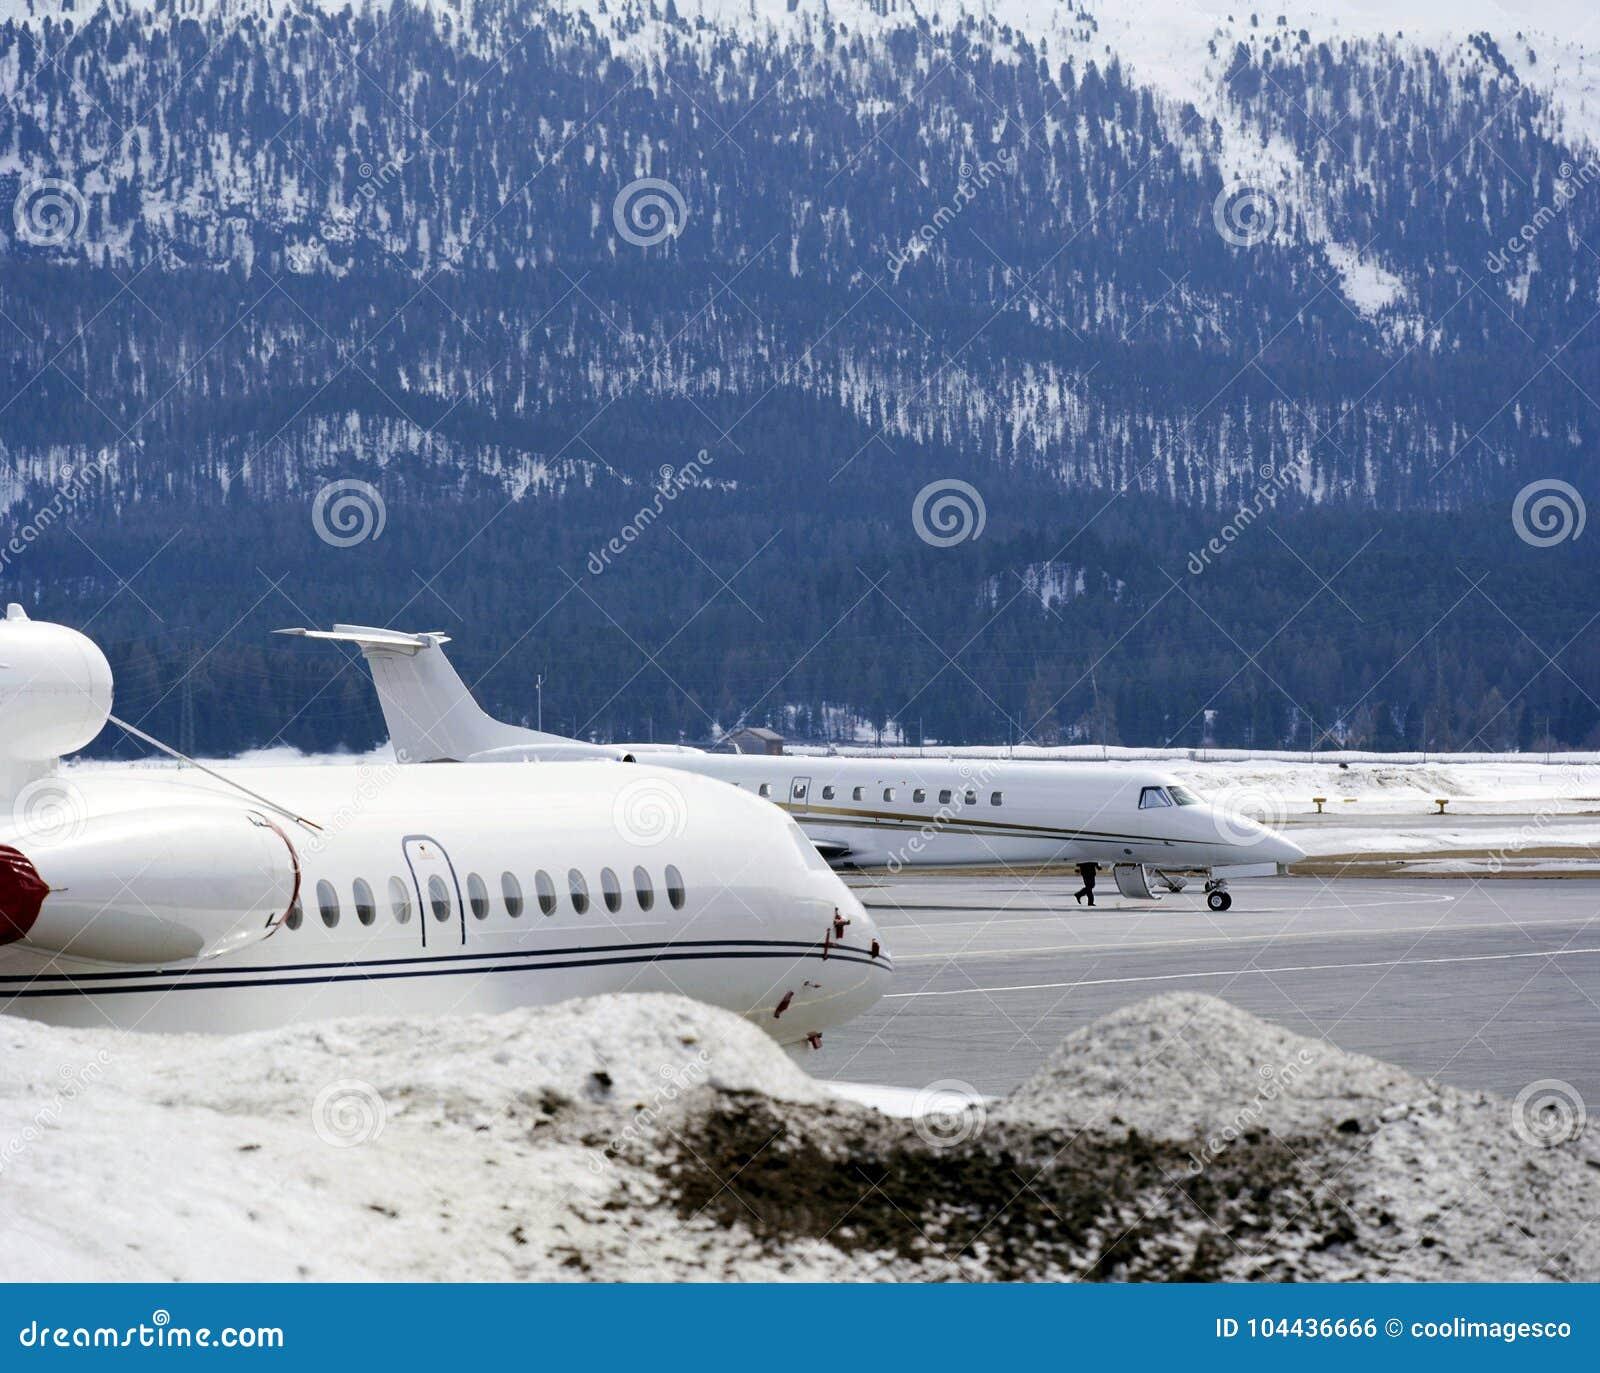 Jet Privato Treviso : Consoli di veneto banca jet privato opere d arte ville da sogno